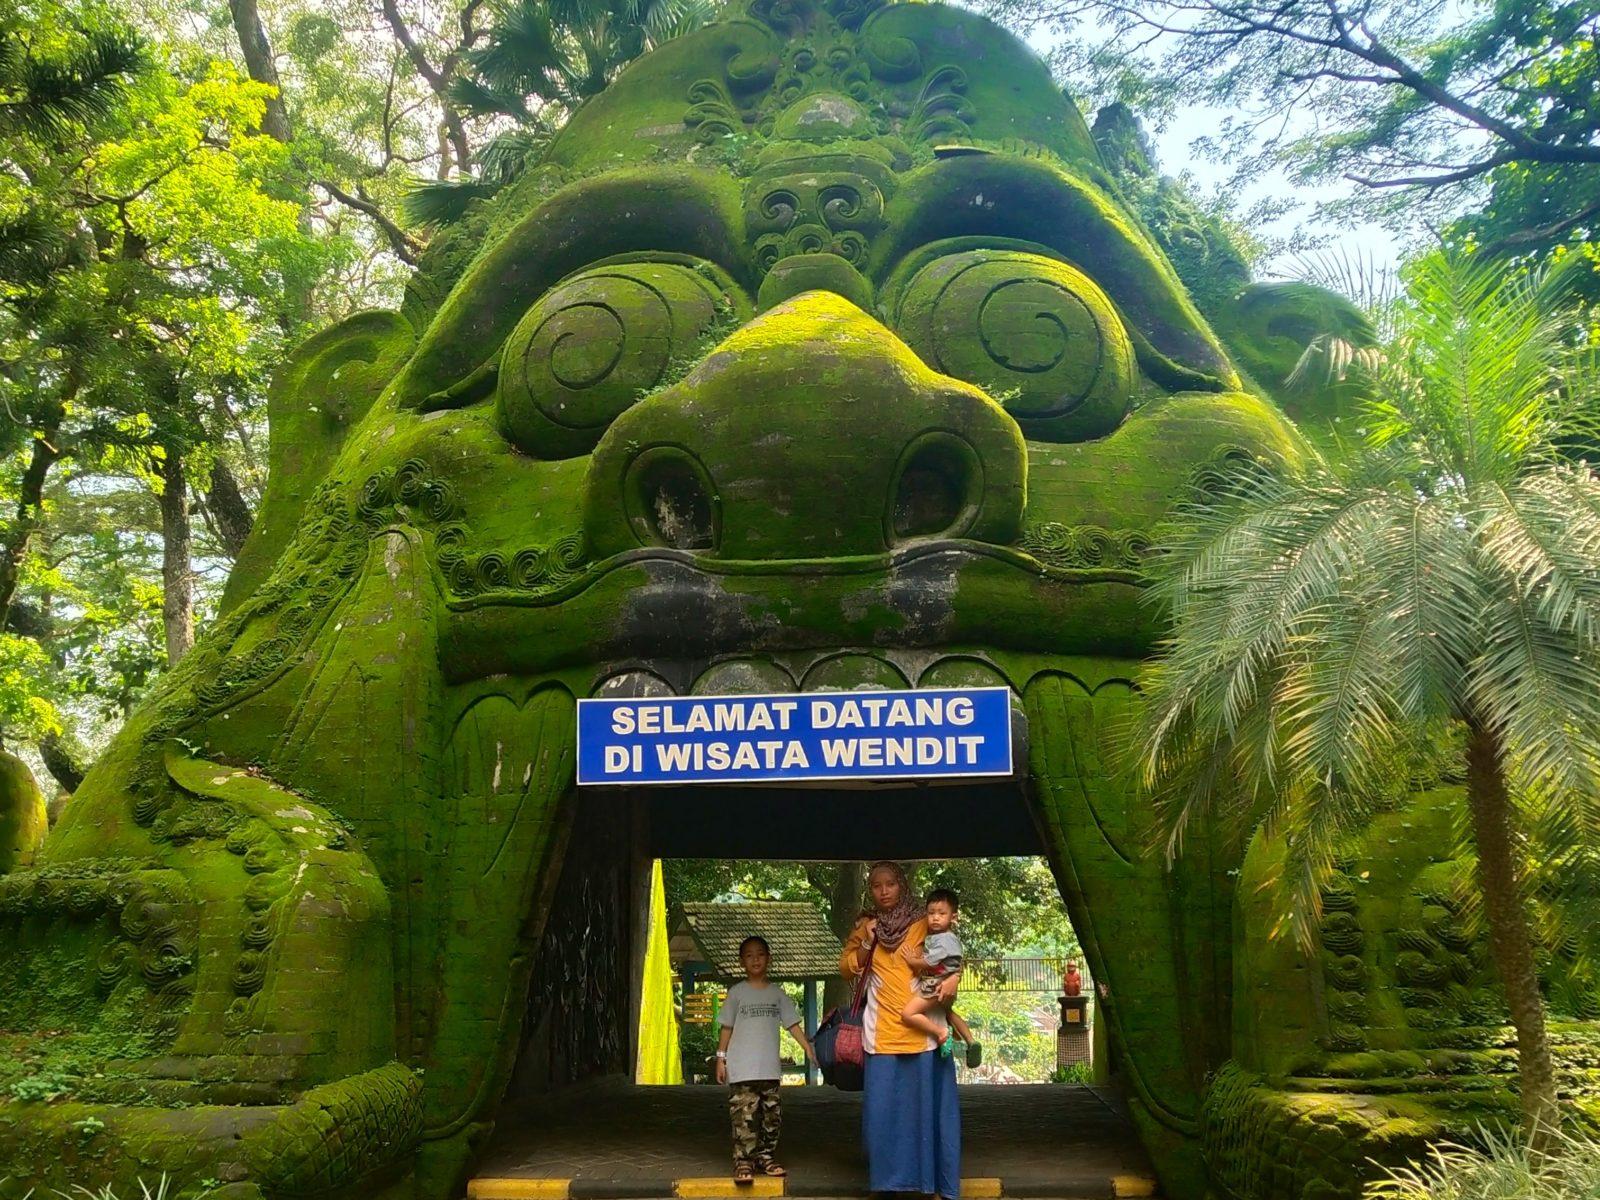 TAMAN WISATA WENDIT Tiket & Pesona Alam November 6 - TravelsPromo